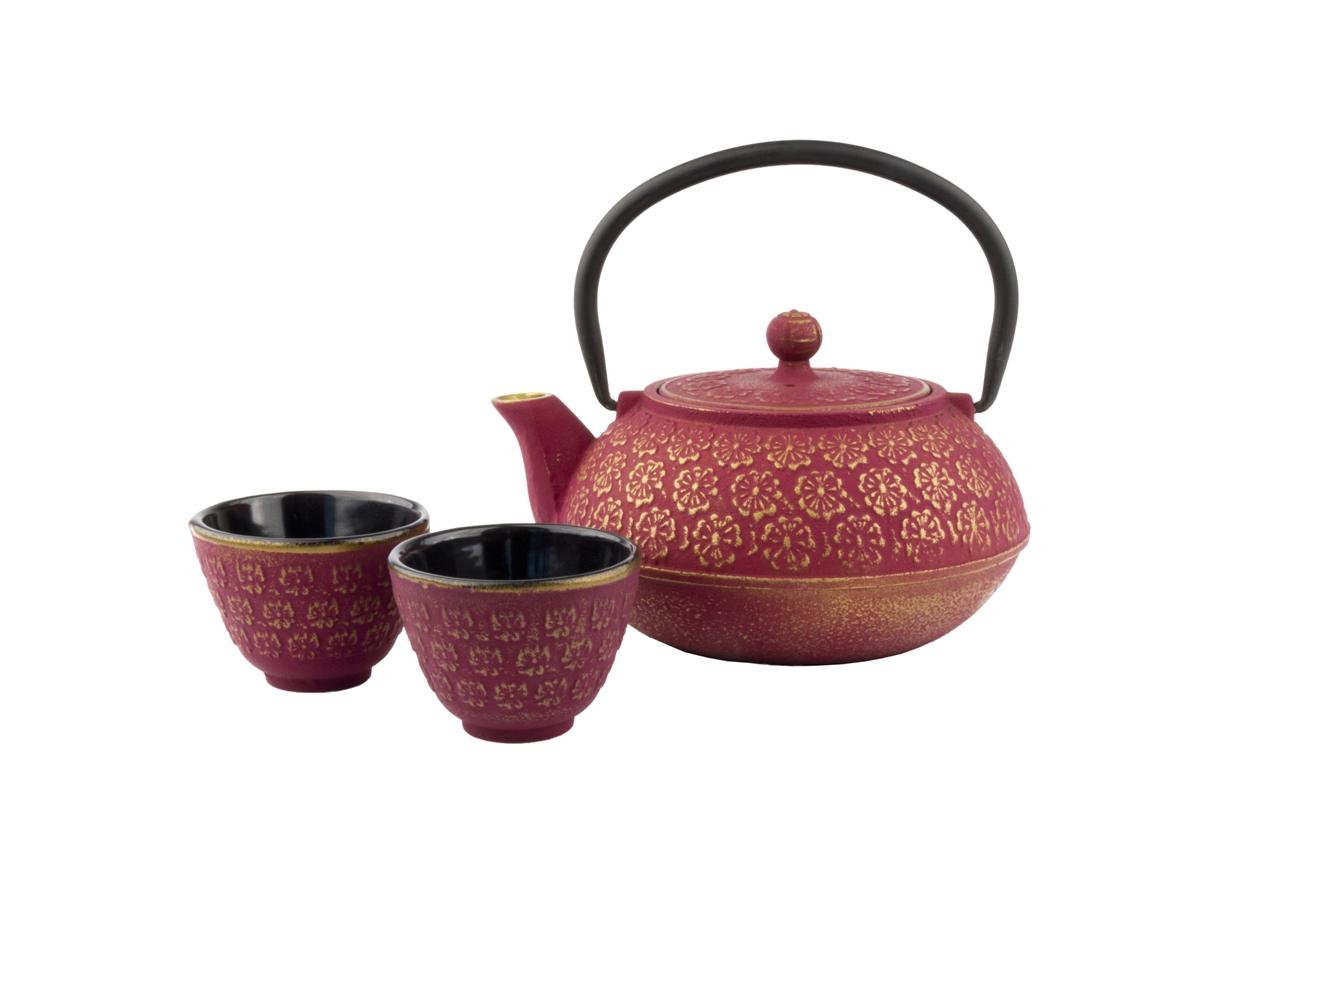 Set Čajová konvice se šálky Shanghai 600 ml růžovozlatá - Bredemeijer